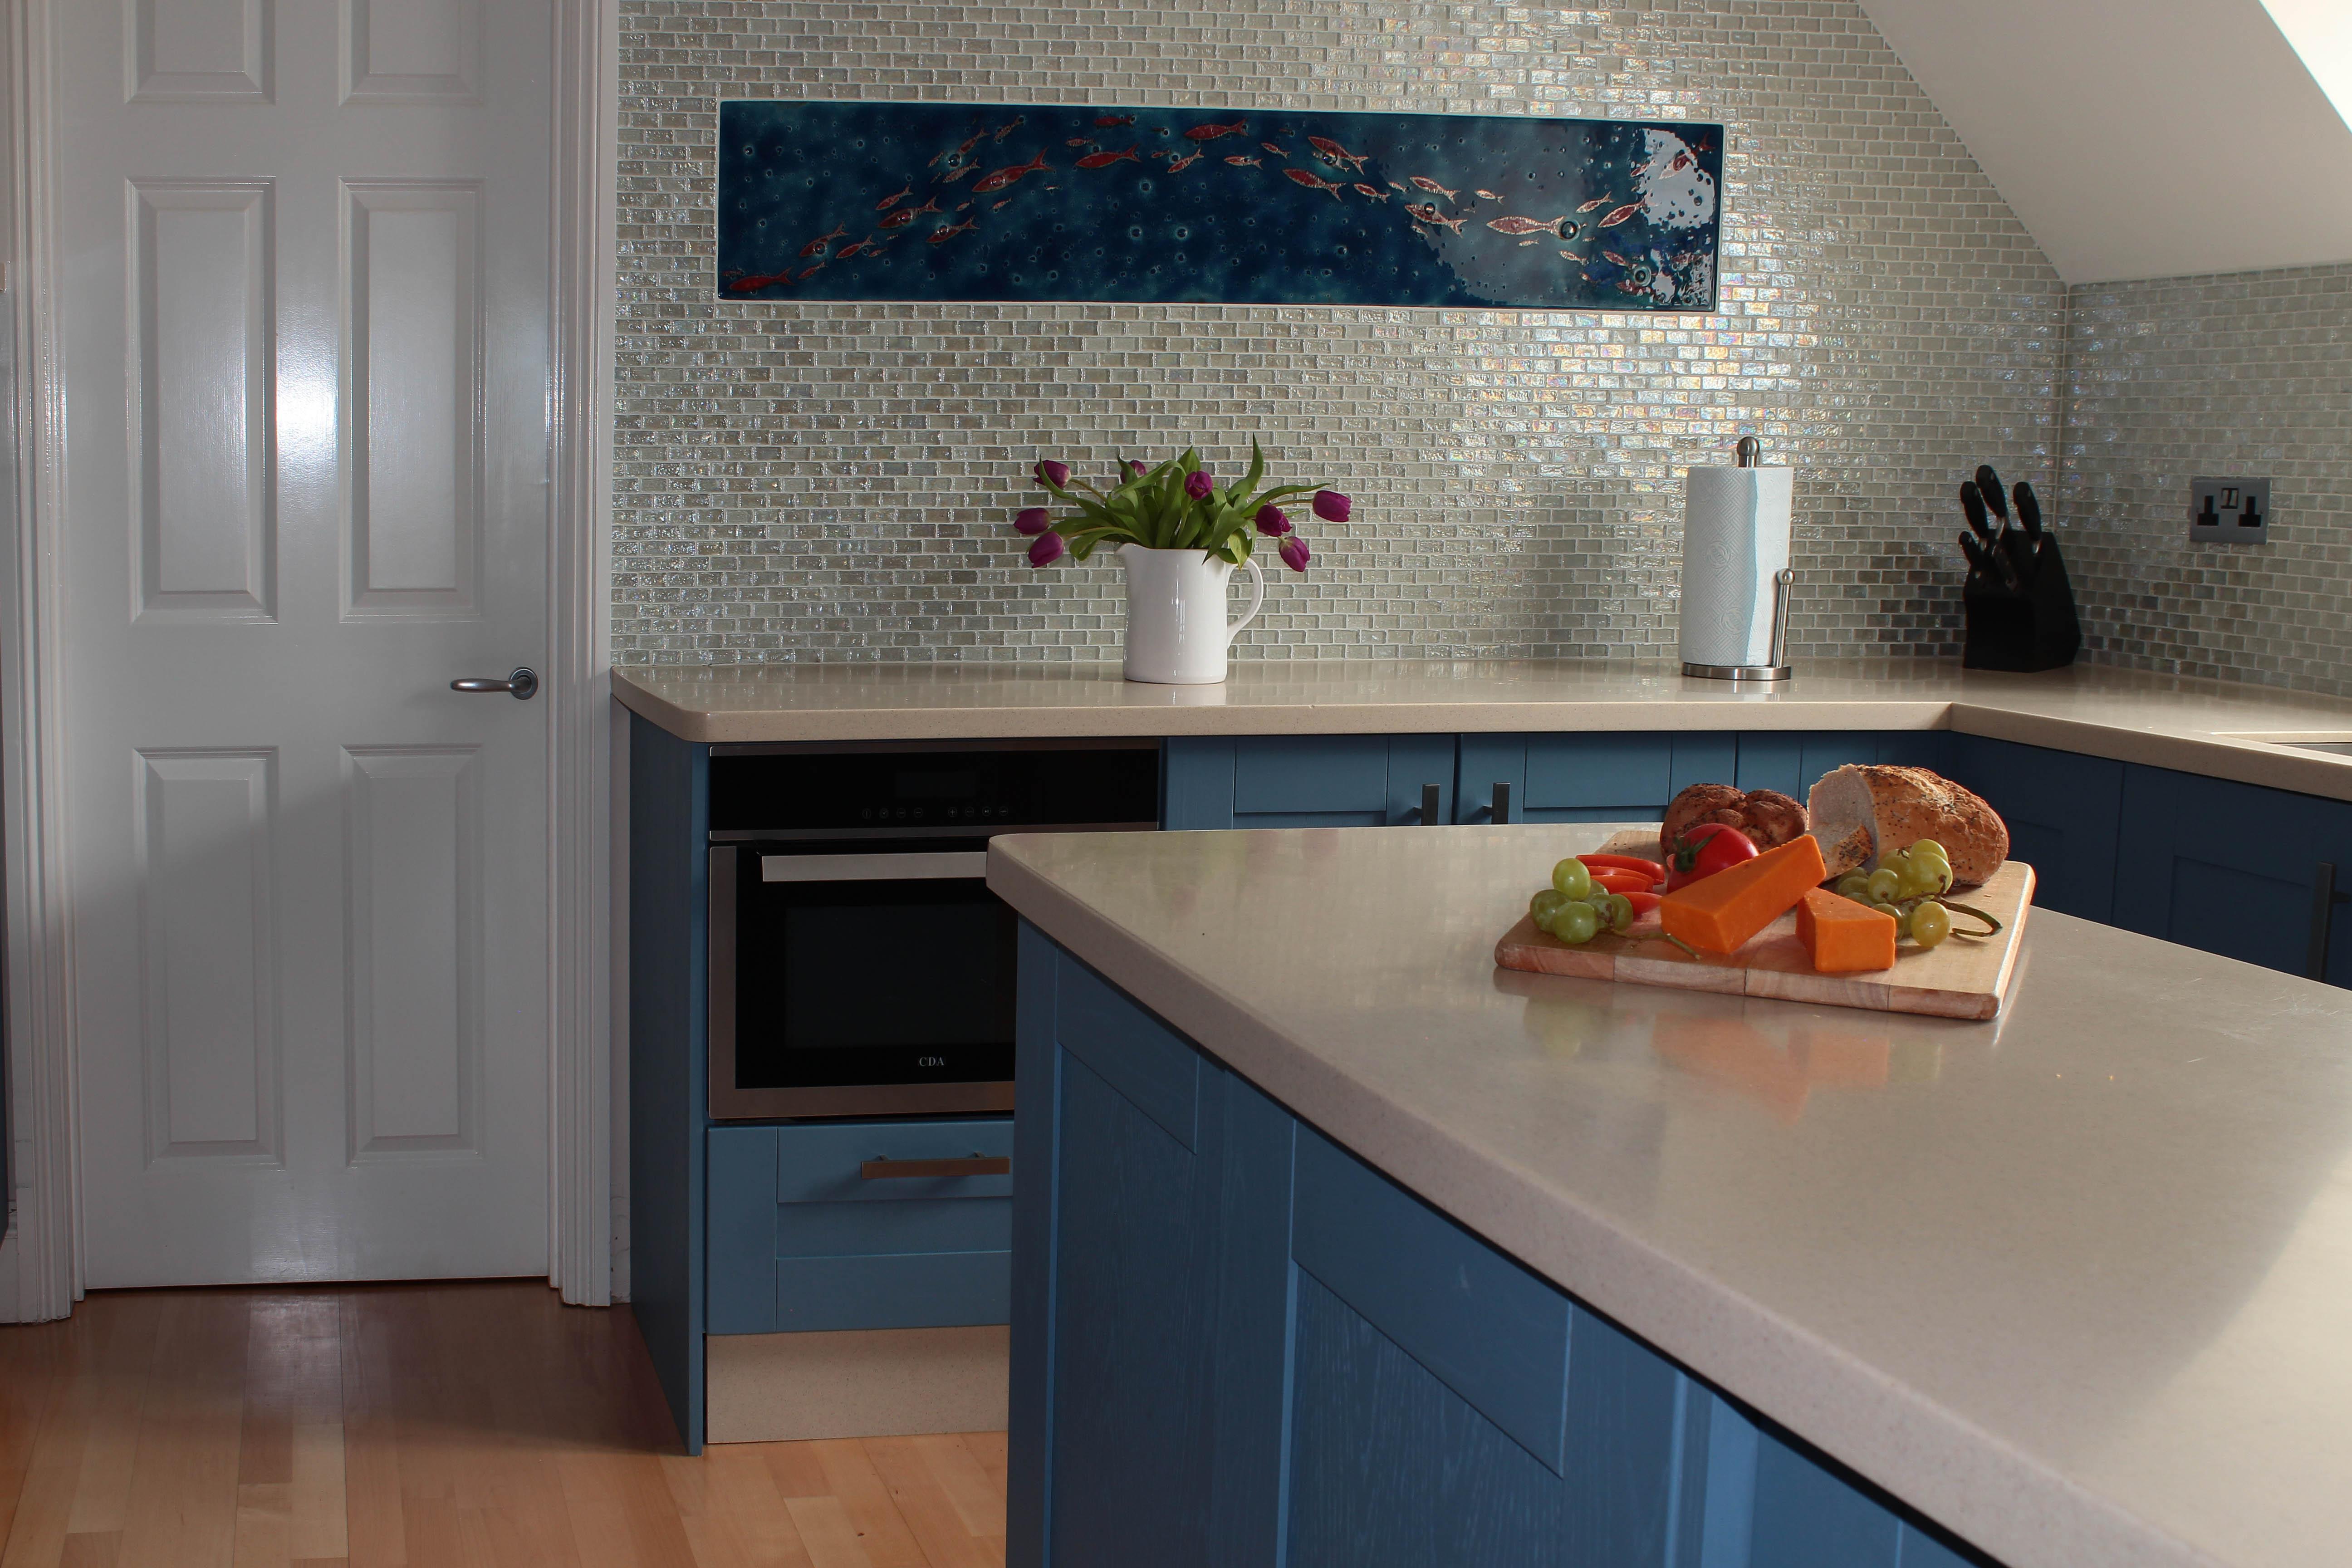 4395  kitchen 3.jpg